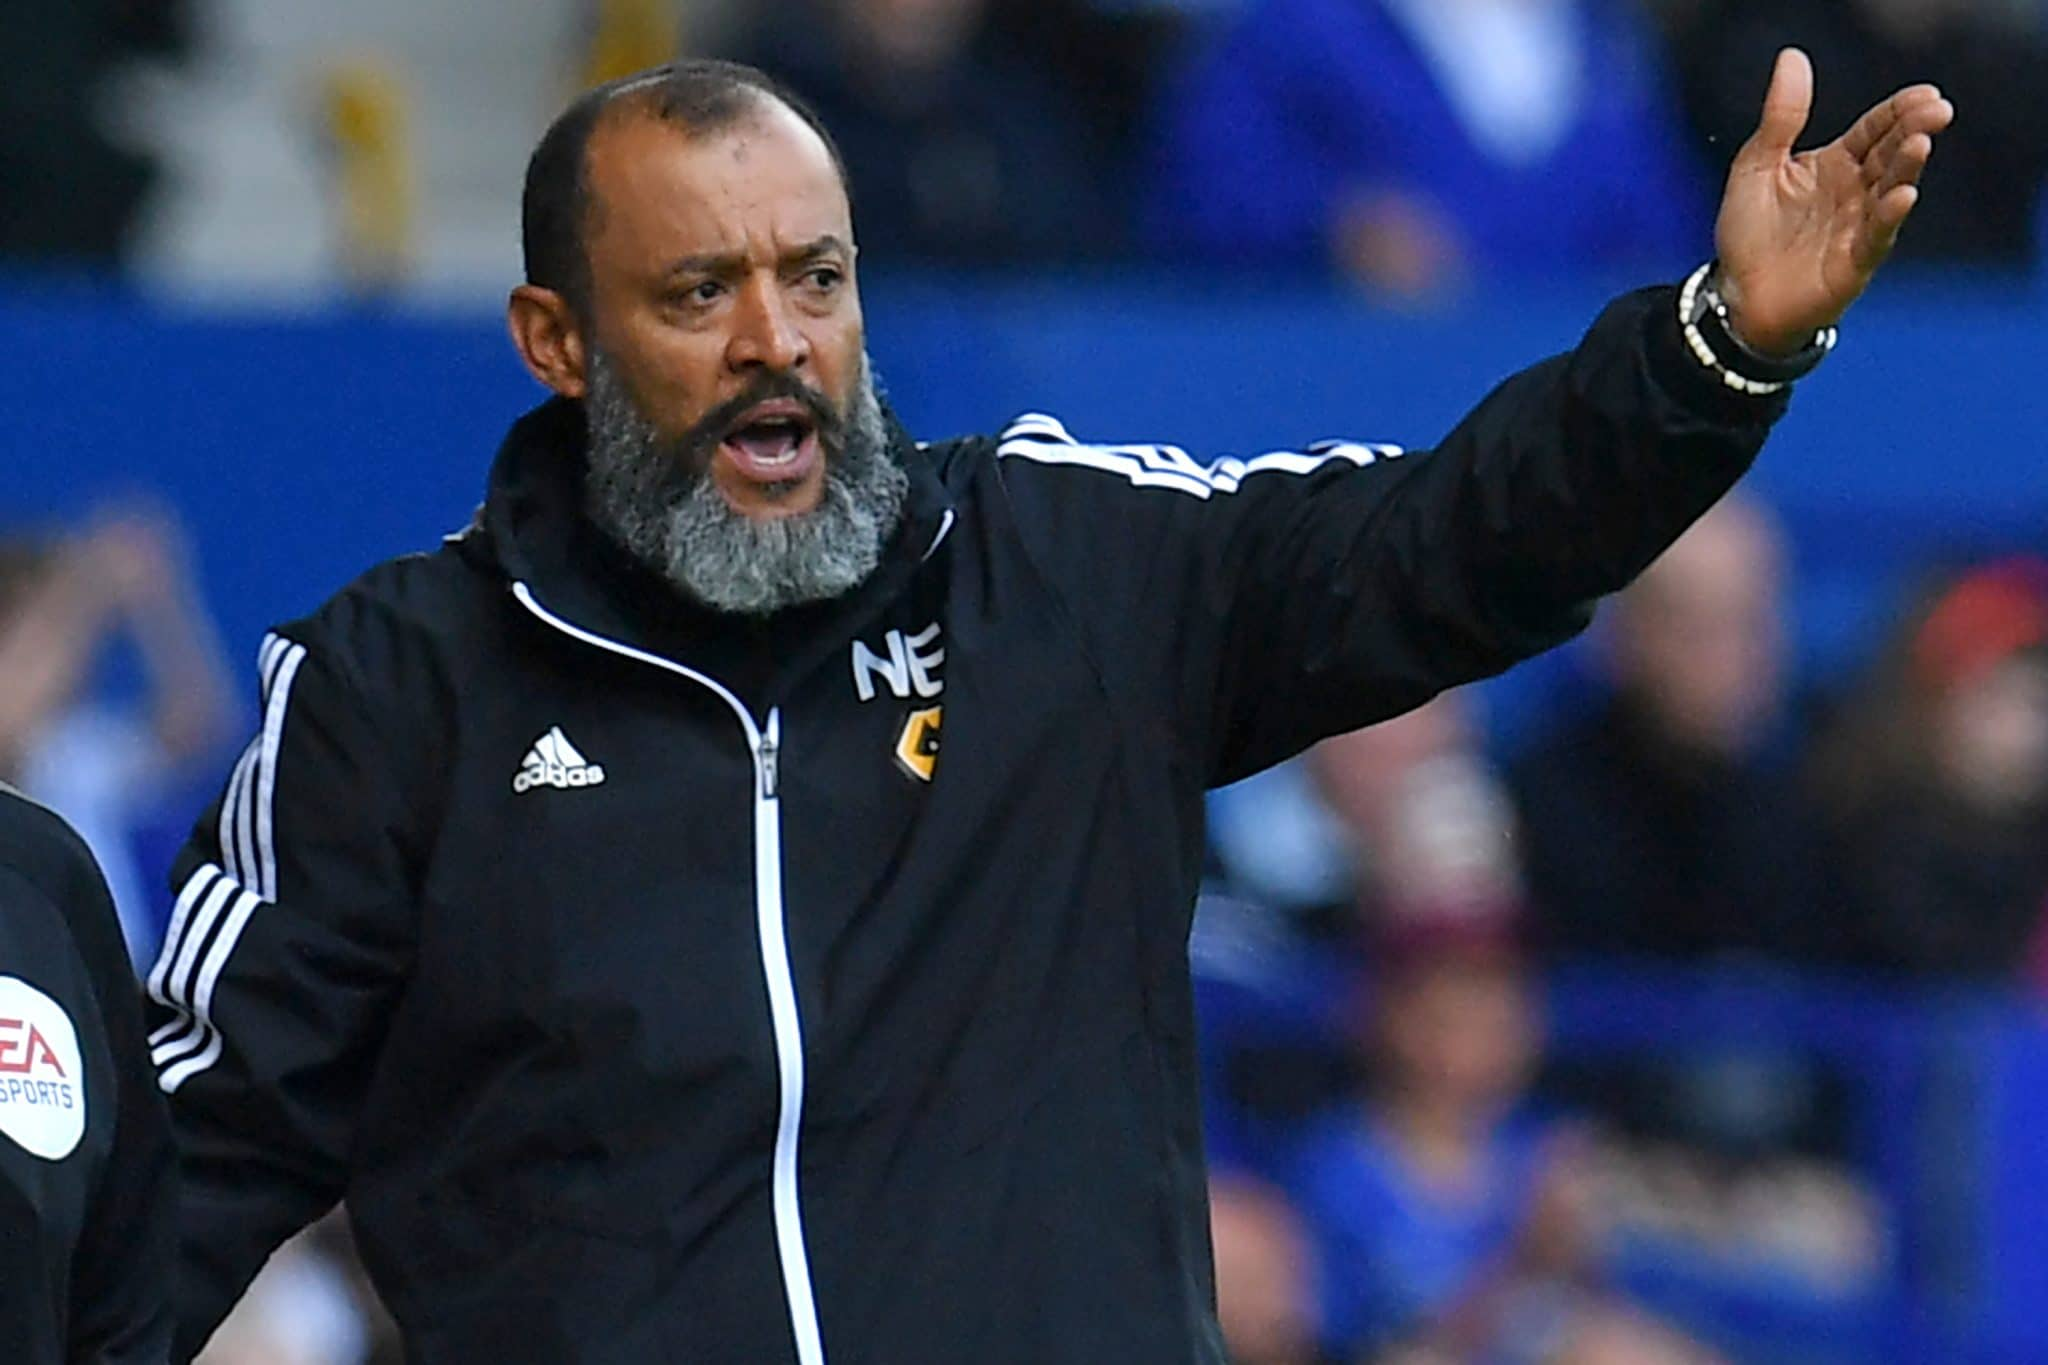 Wolverhampton Wanderers manager Nuno Espírito Santo